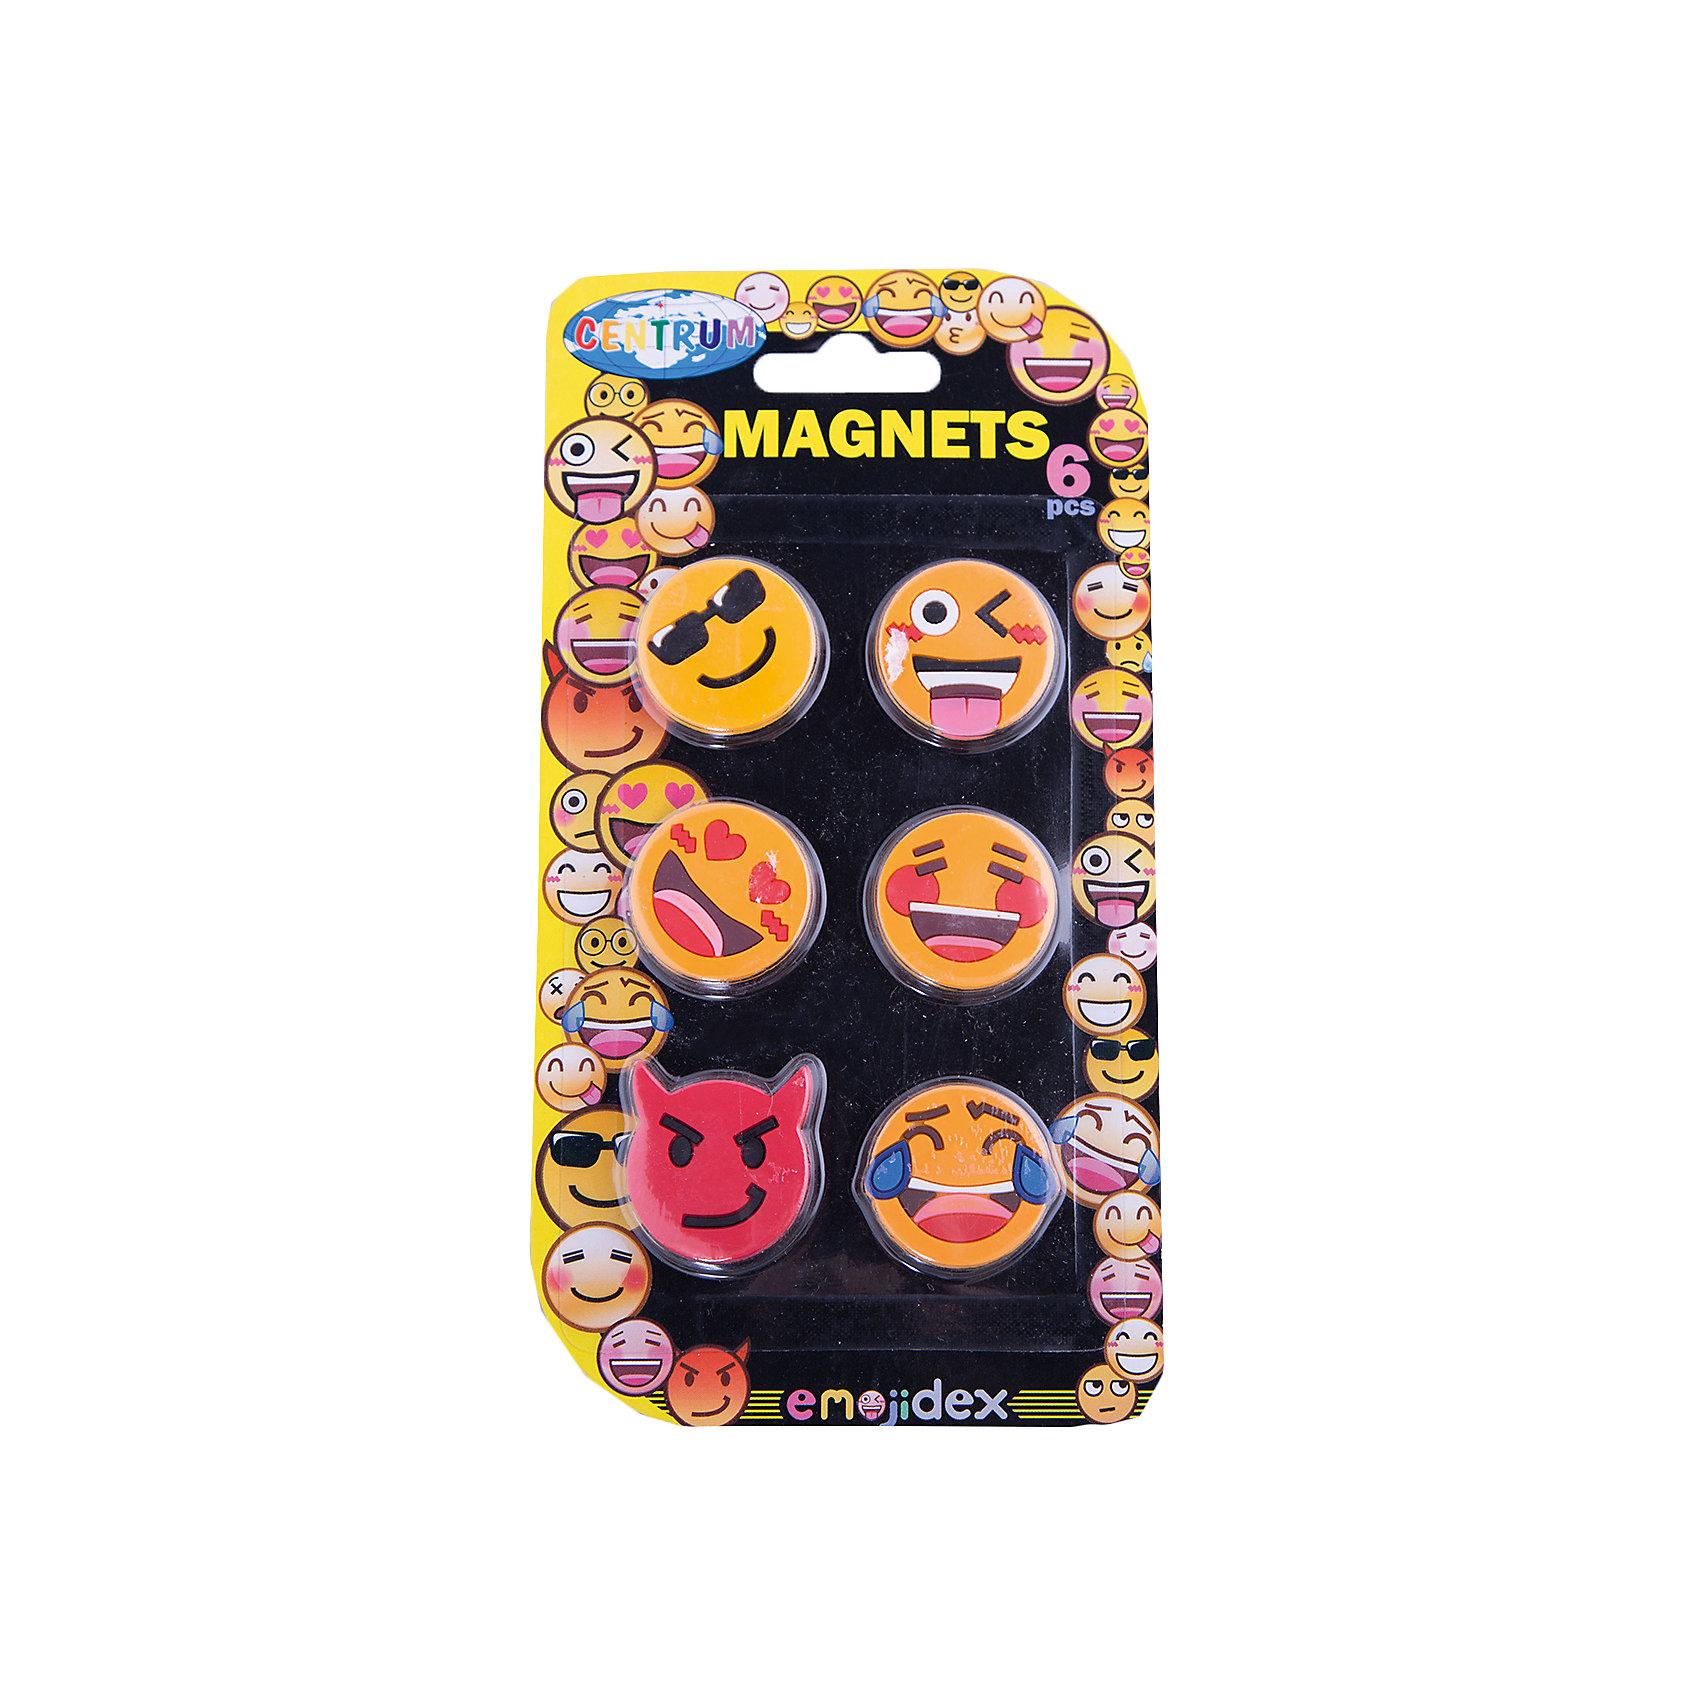 Centrum Набор магнитов 6 штук СмайлыШкольные аксессуары<br>Набор магнитов Смайлы, 6 штук в наборе, прорезиненные, диаметр 30 мм.<br><br>Ширина мм: 5<br>Глубина мм: 100<br>Высота мм: 190<br>Вес г: 37<br>Возраст от месяцев: 36<br>Возраст до месяцев: 2147483647<br>Пол: Унисекс<br>Возраст: Детский<br>SKU: 6846700